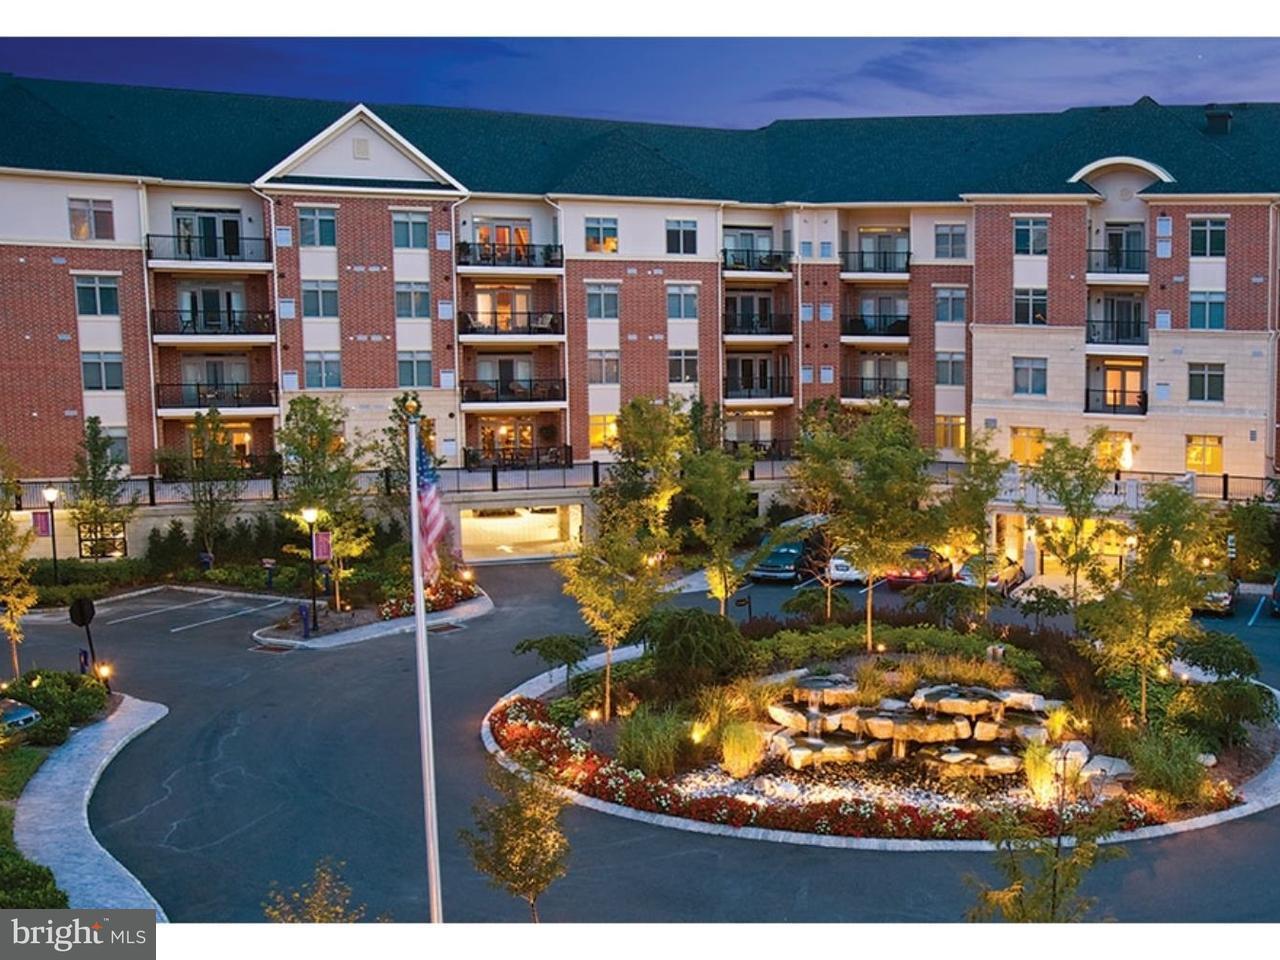 独户住宅 为 出租 在 402 CARSON TER 亨廷顿谷, 宾夕法尼亚州 19006 美国